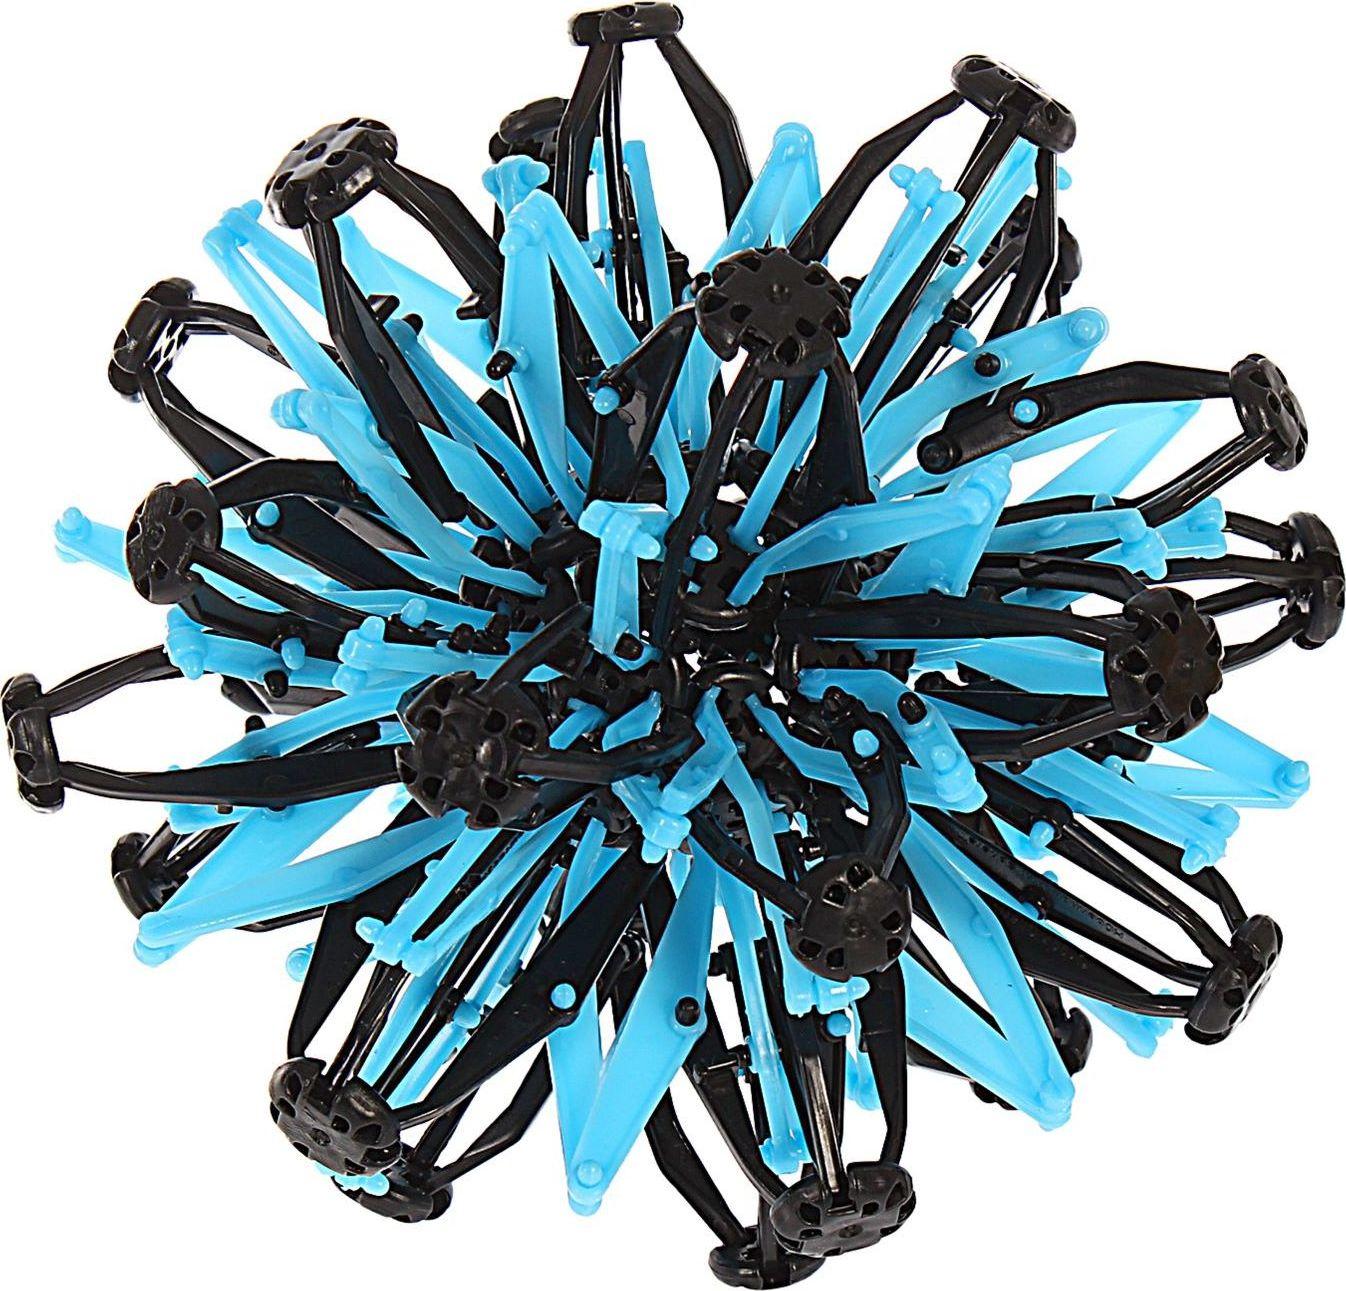 Sima-land Головоломка Шар Иголка цвет голубой1670530Головоломка Шар Иголка - это отличная тренировка для ума. Порадуйте ребенка приятным и полезным подарком! Это развлечение займет малыша на долгое время. Что развивает такая головоломка? Усидчивость: ребенок долго может сидеть, увлекшись игрой. Моторику: малыш вертит и наклоняет игрушку, чтобы шарик укатился куда нужно. Внимание: чадо сосредоточенно следит, как перекатывается шарик. Стратегическое мышление: ребенок продумывает путь движения предмета. Уважаемые клиенты! Обращаем ваше внимание на цветовой ассортимент товара. Поставка осуществляется в зависимости от прихода товара на склад.